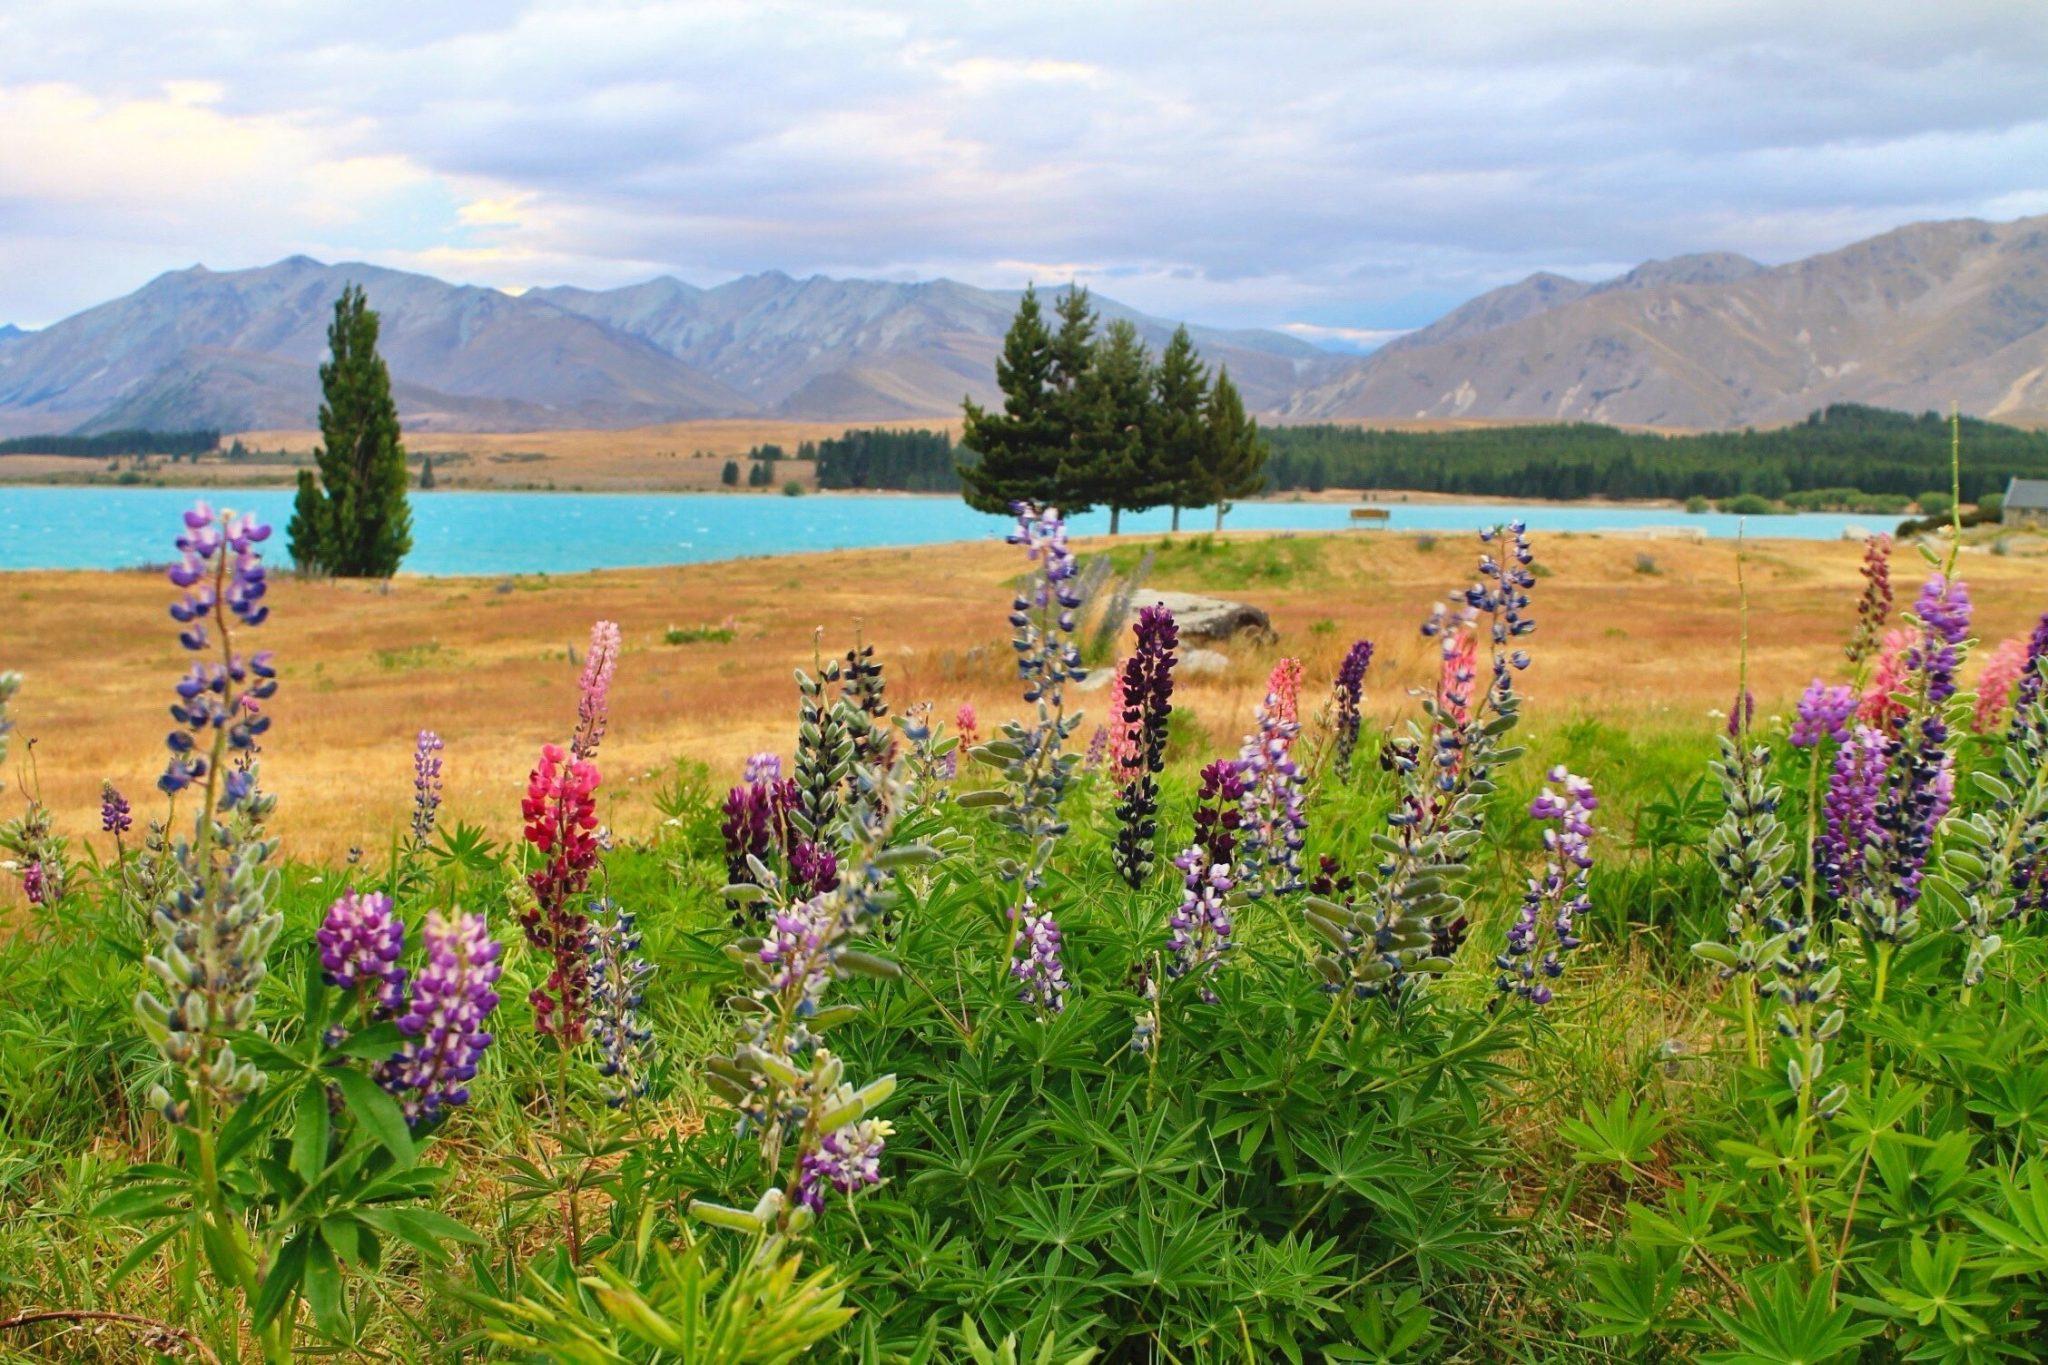 Lupin at Lake Tekapo, New Zealand